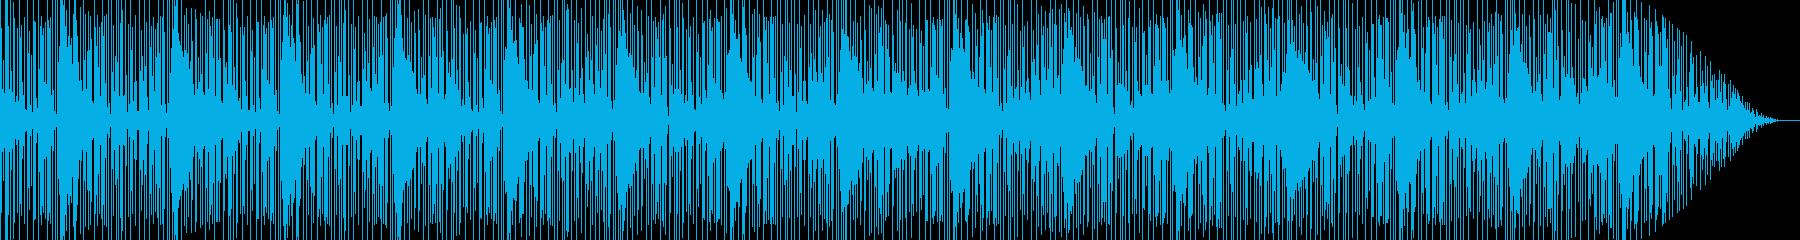 ゾクゾクするようなスリルを感じるBGMの再生済みの波形